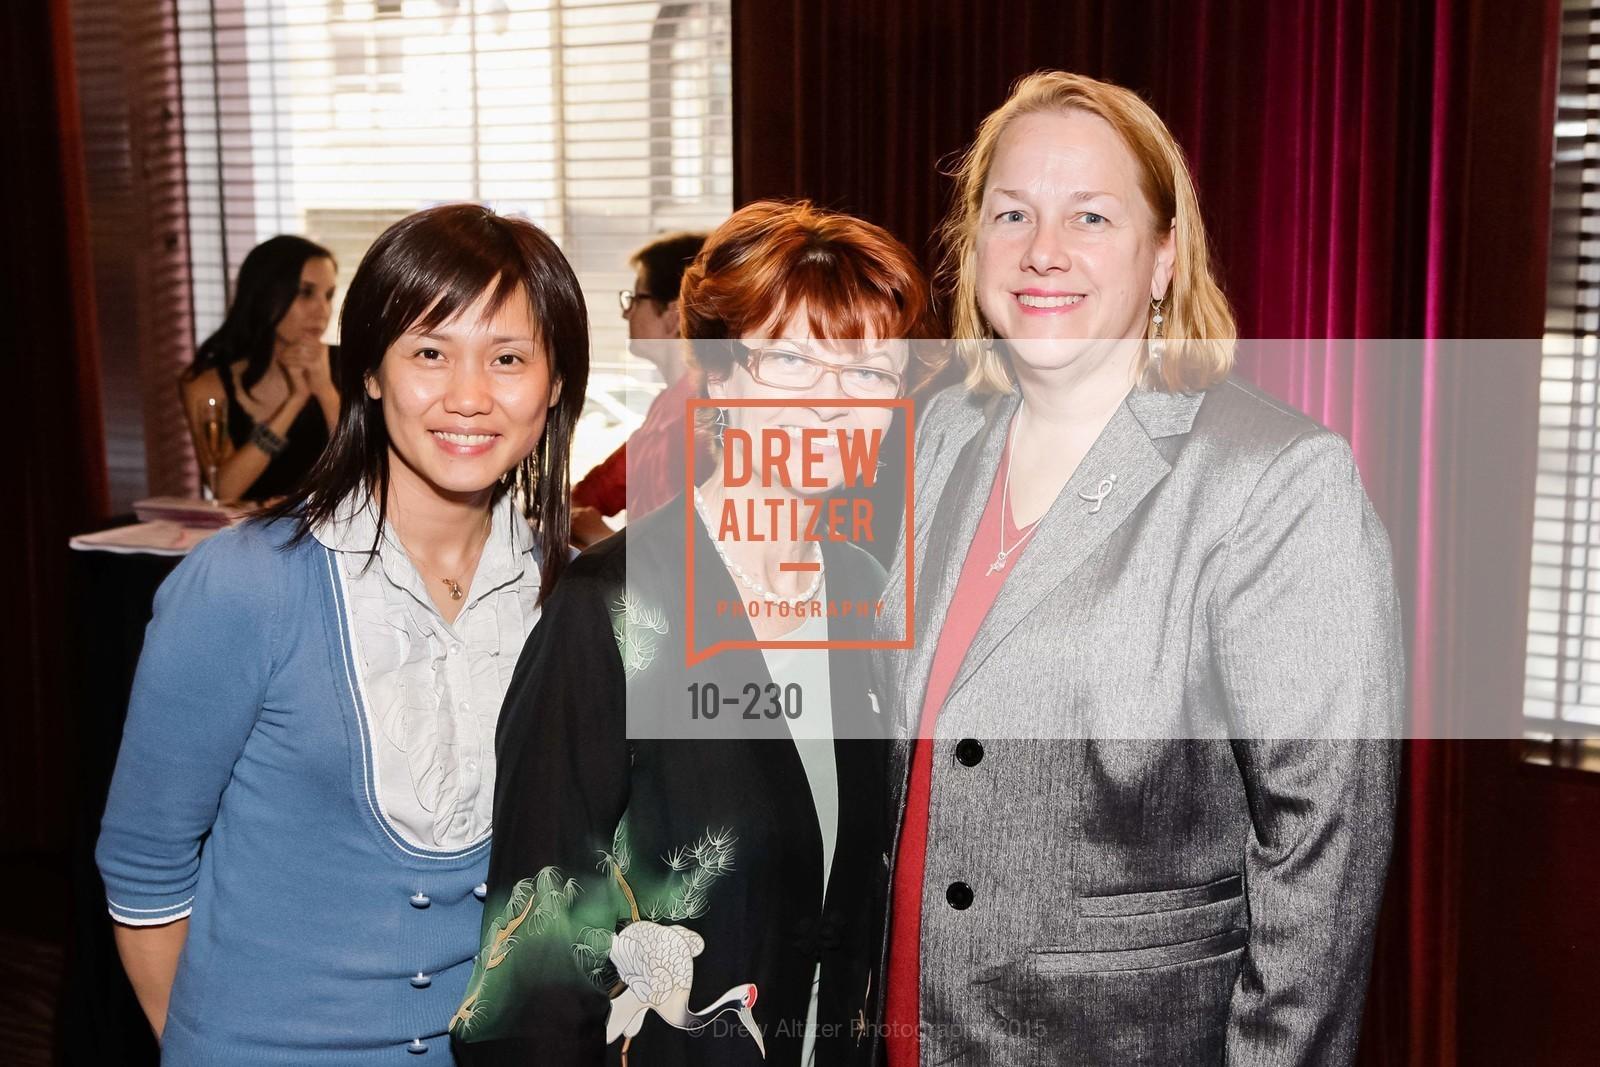 Maria Chang, Tamsin Kendall, Anita Britt, Photo #10-230